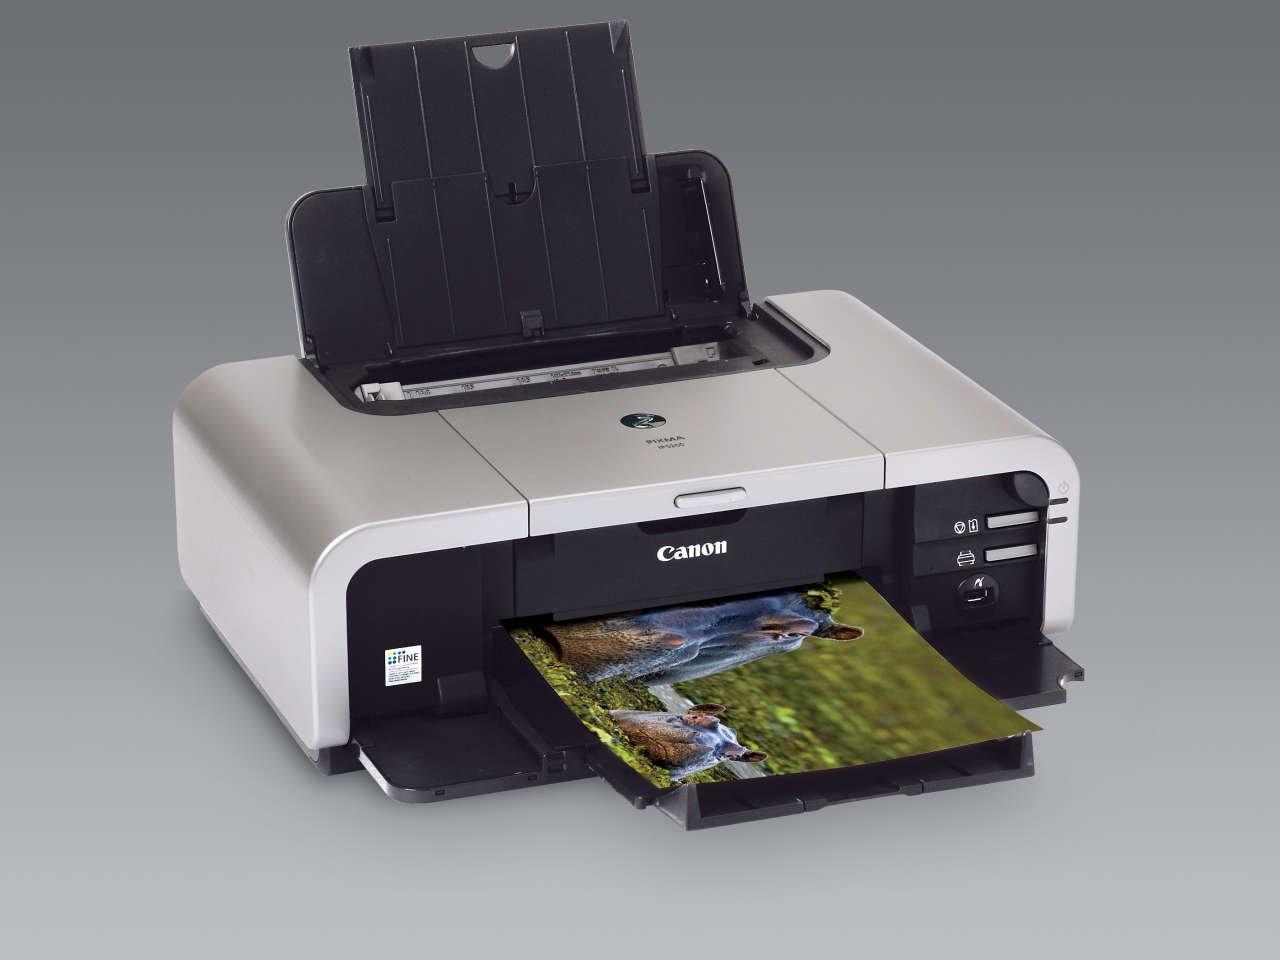 Canon Pixma Ip5200 Printer Driver For Mac